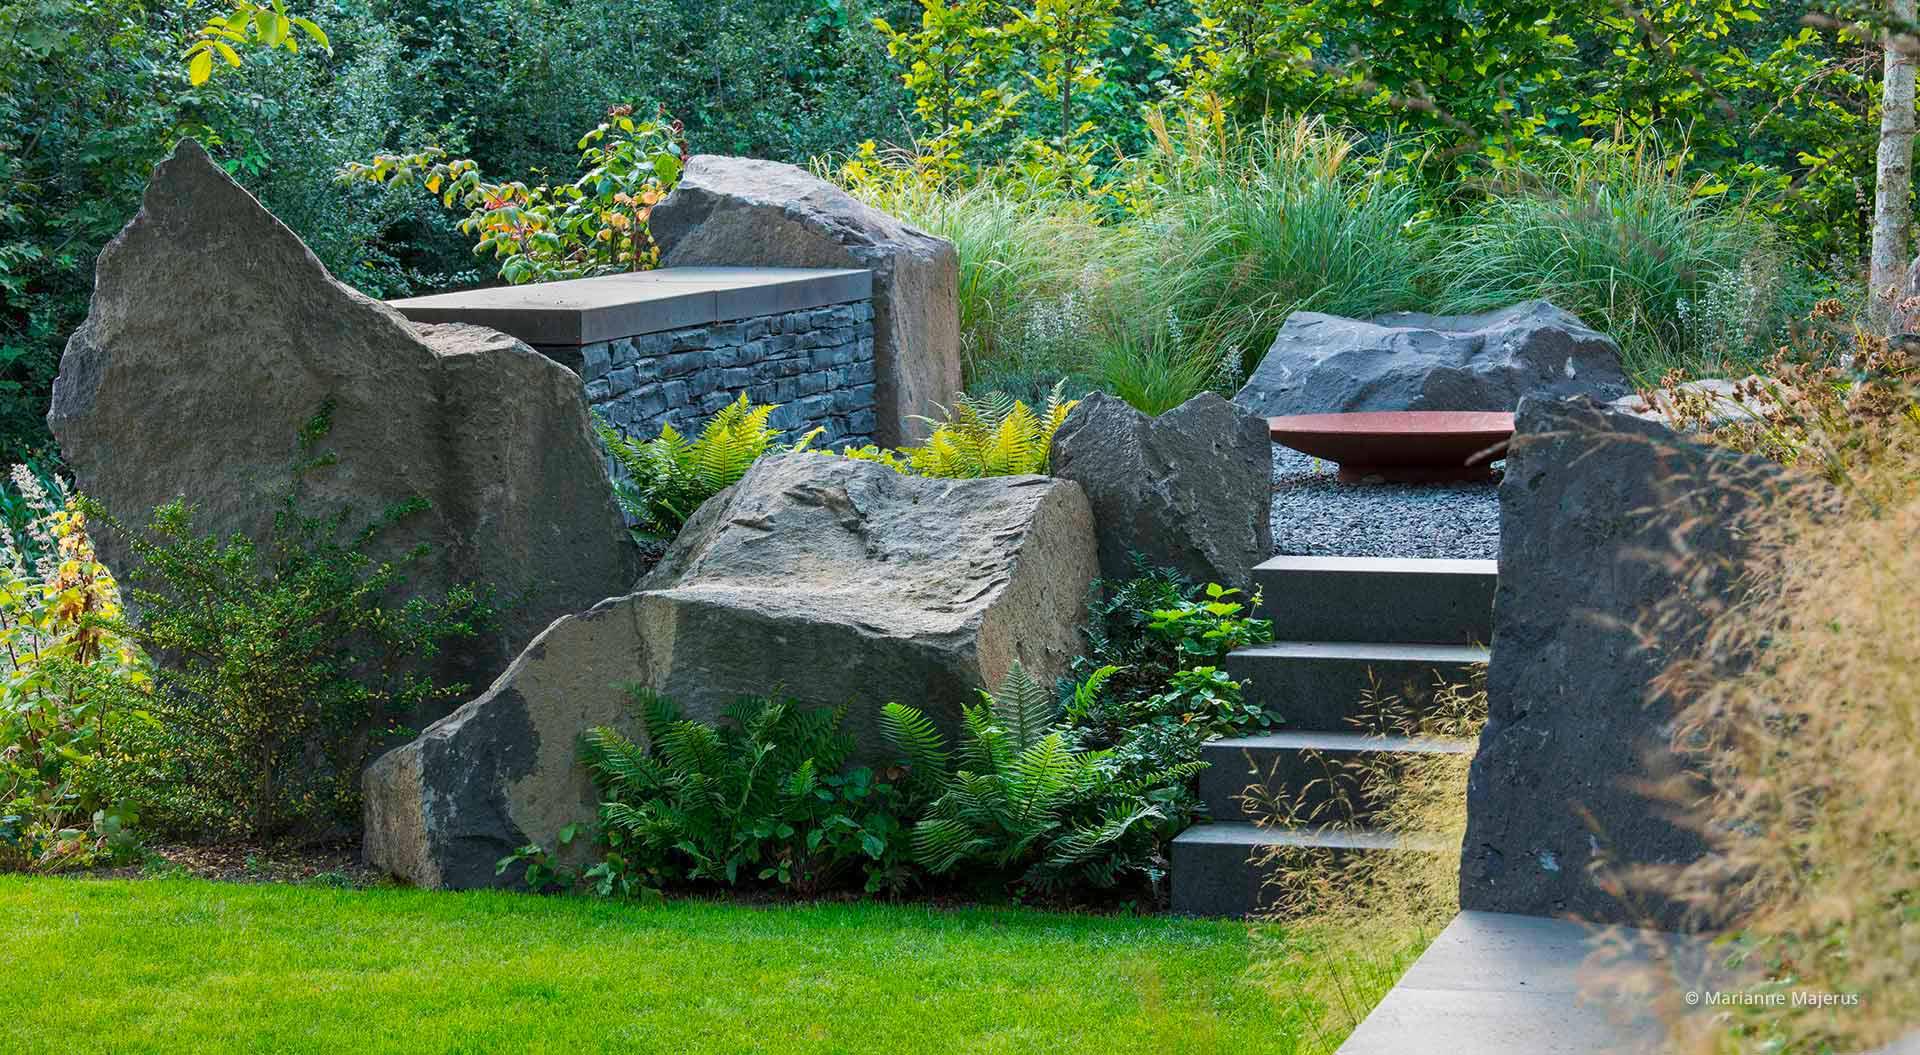 Treppe führt von Rasen hoch zu Steinlichtung im Hanggarten